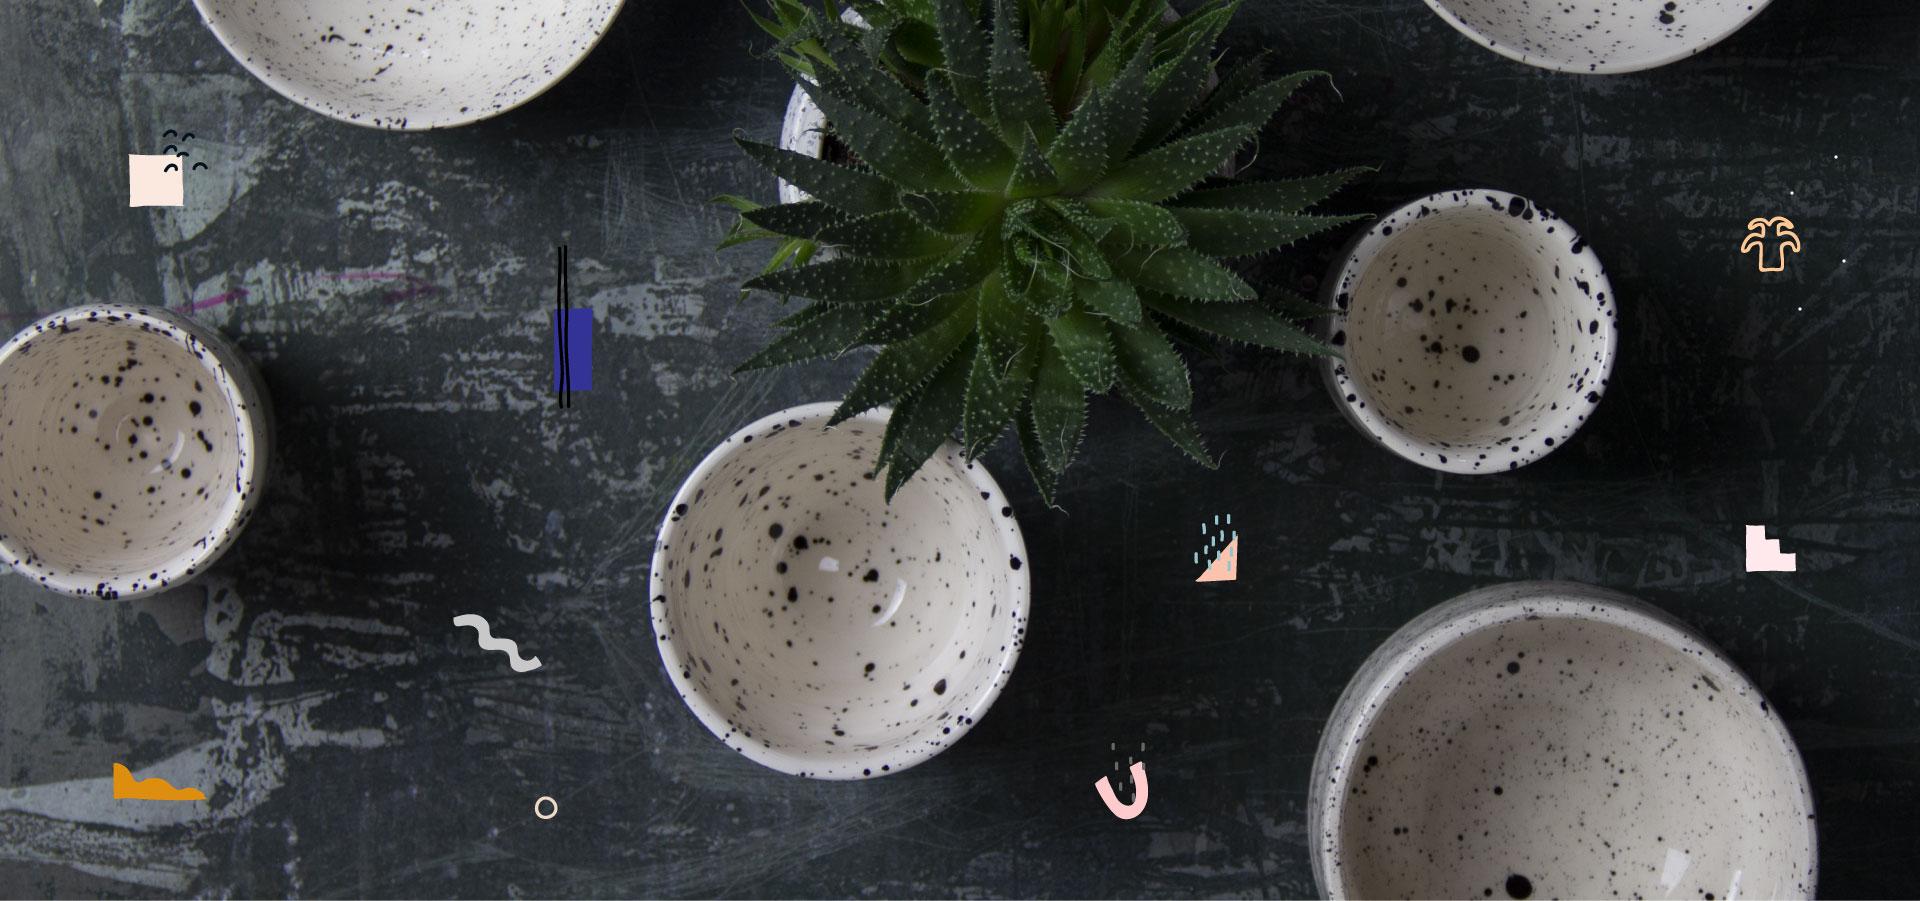 Tečaji oblikovanja keramike